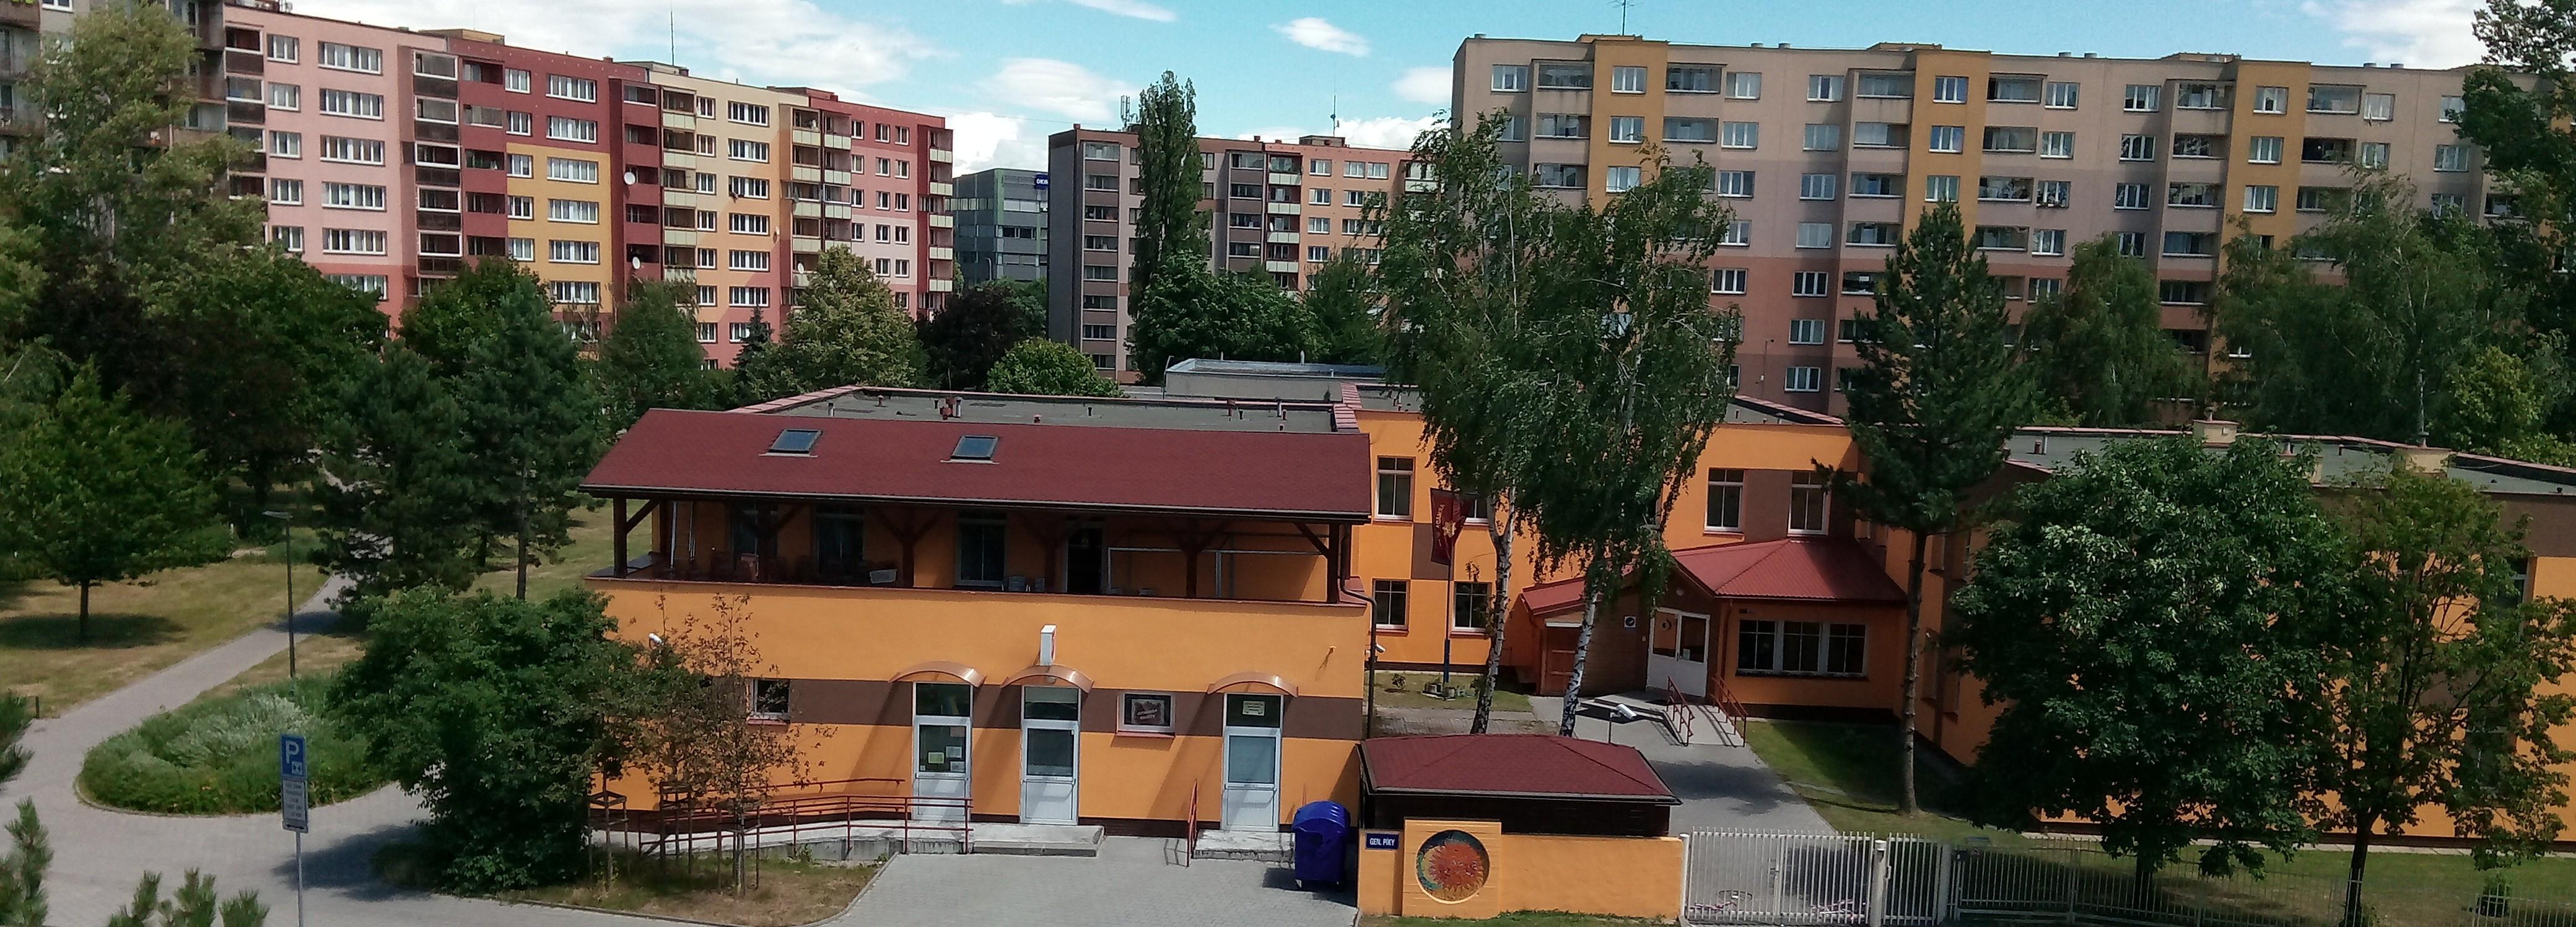 Sociální služby pro ženy a matky s dětmi - Ostrava